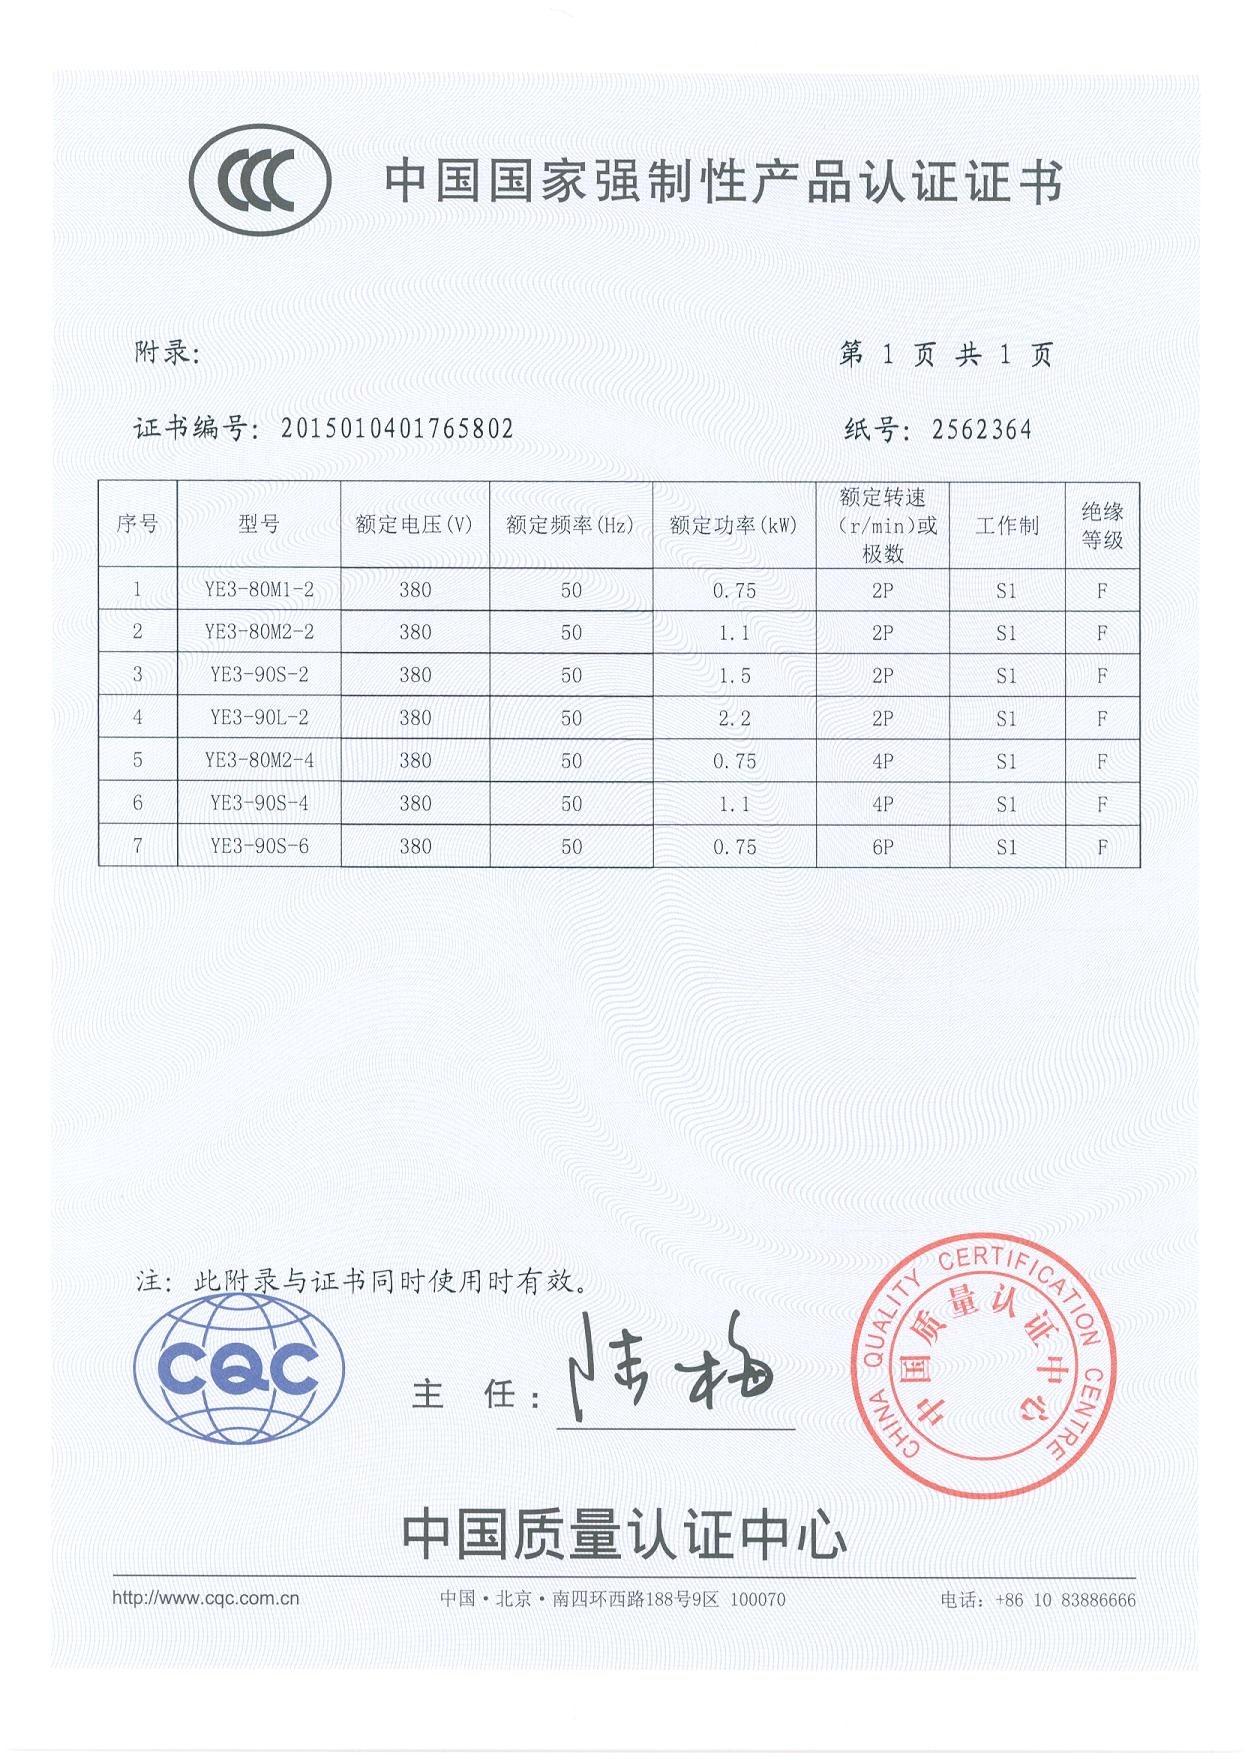 YE2-高效3C認證書 2